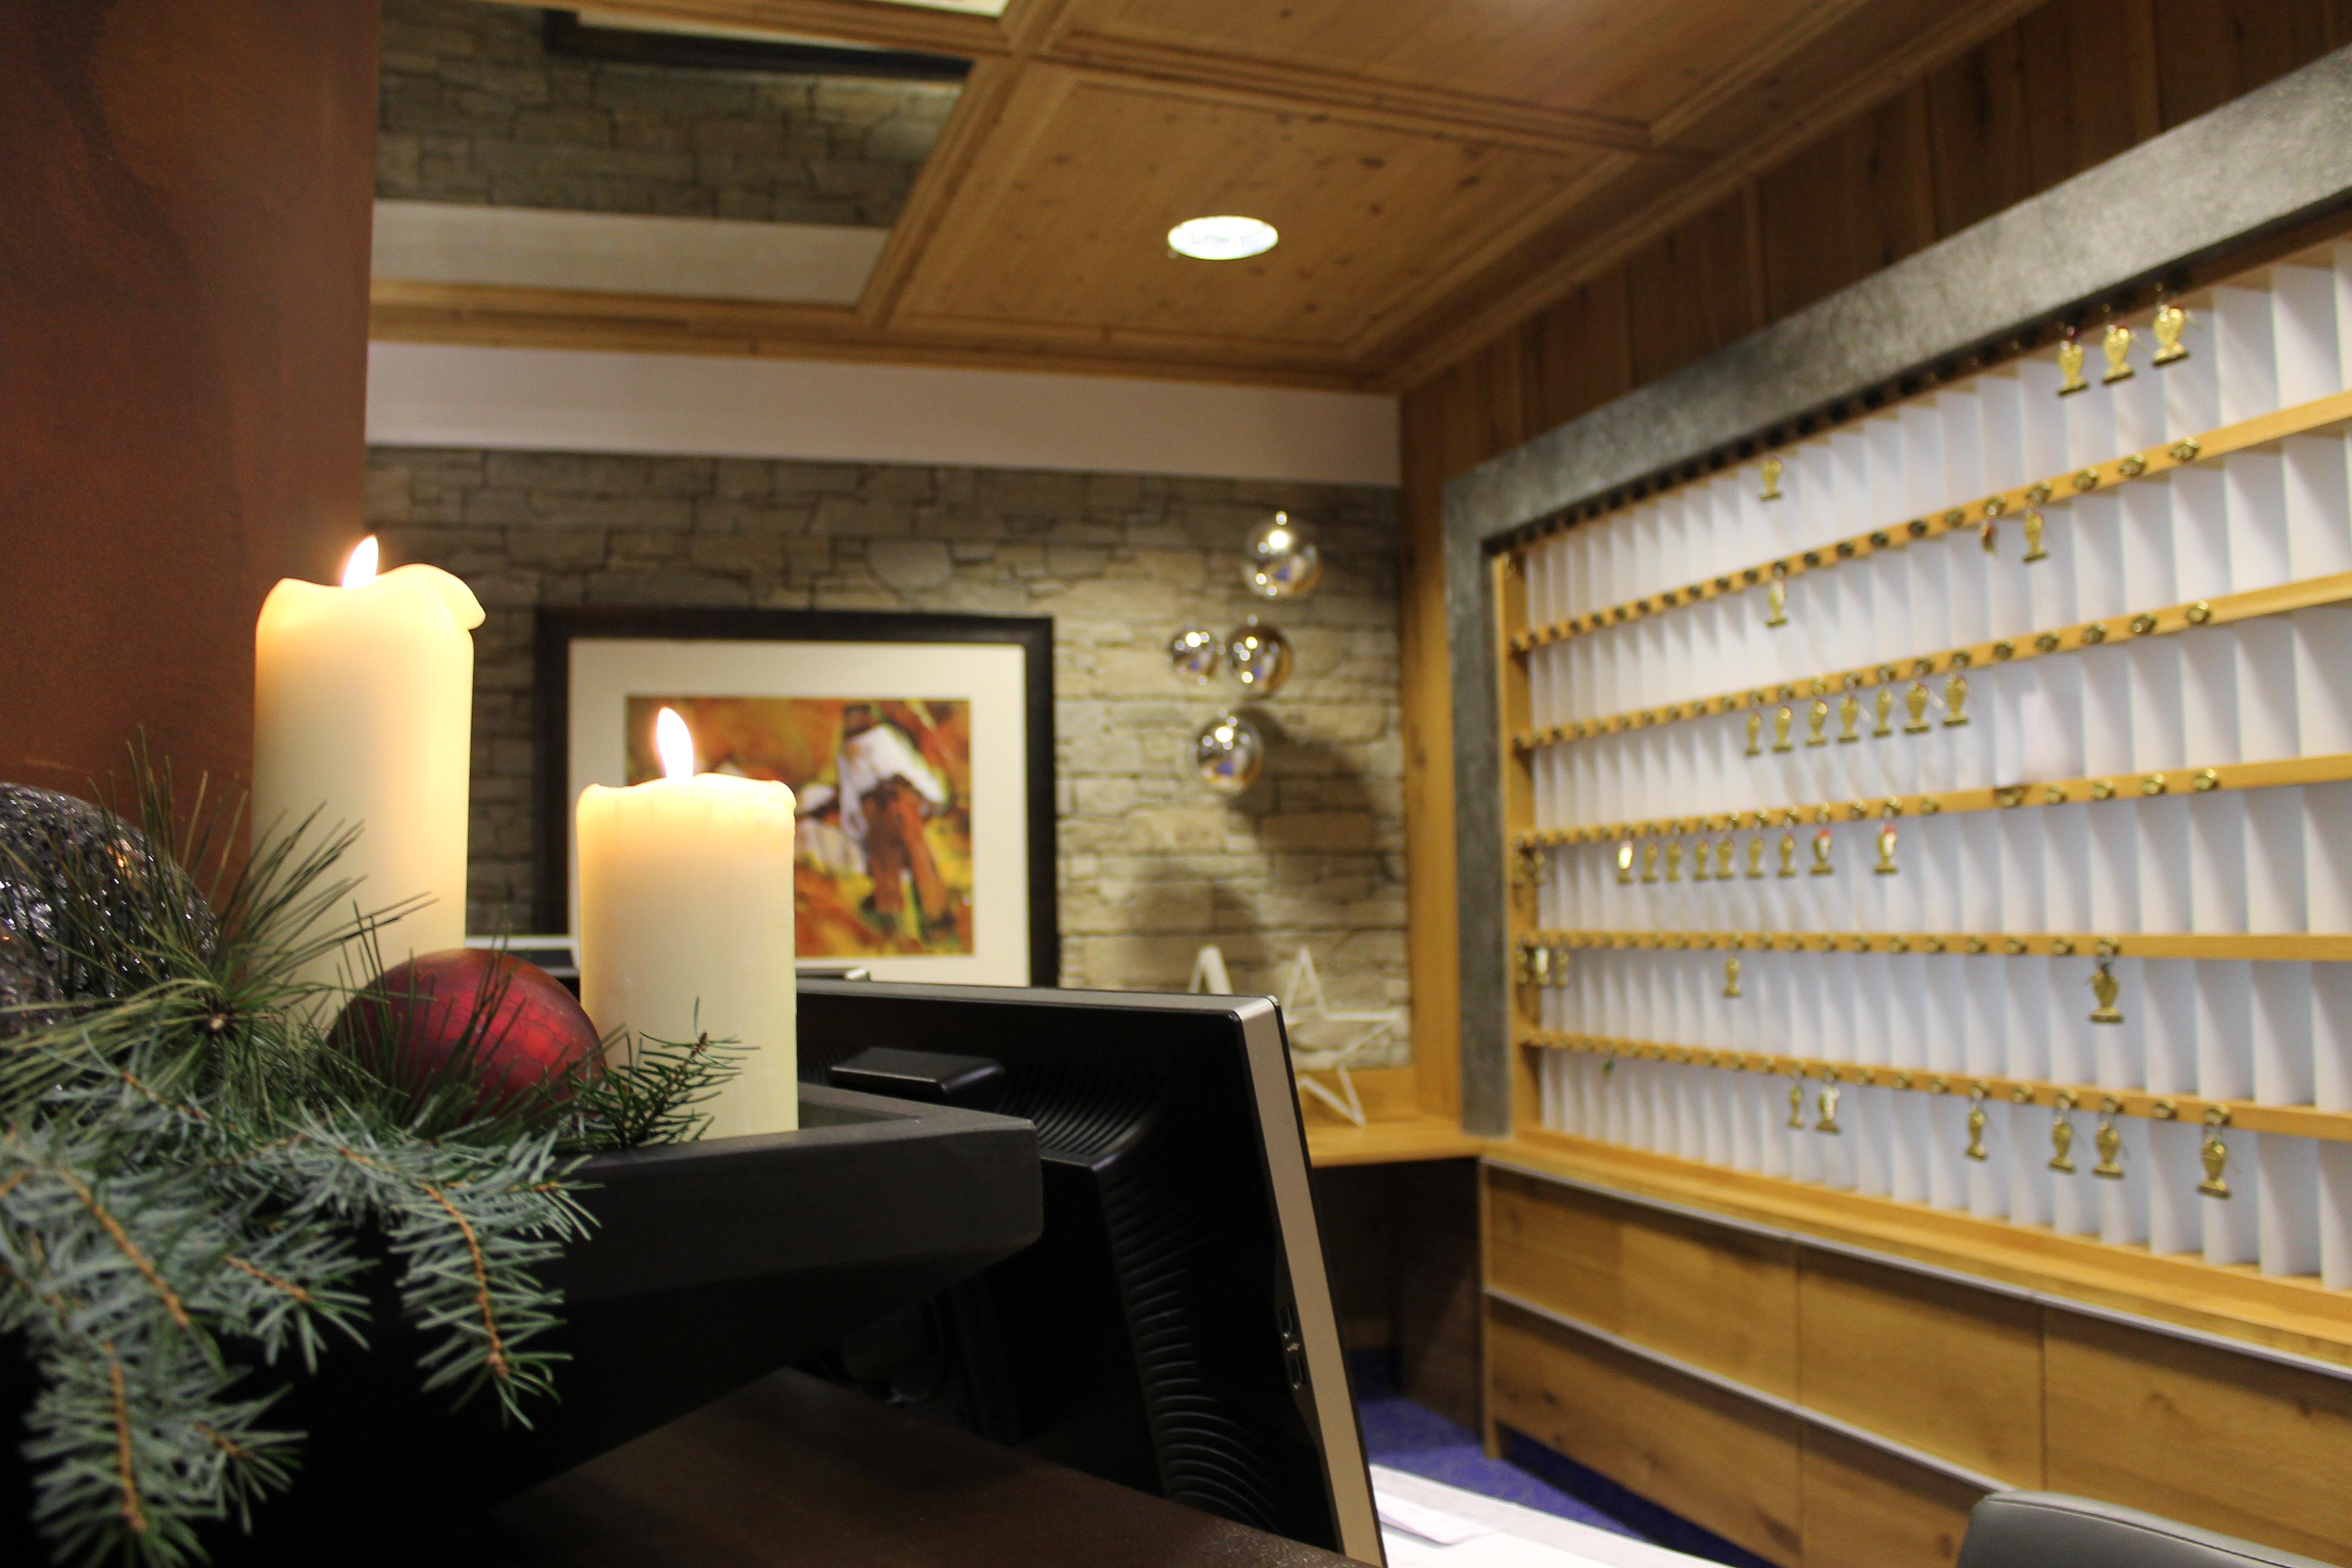 Weihnachten im allg u hotels weihnachten weihnachten im for Design familienhotel